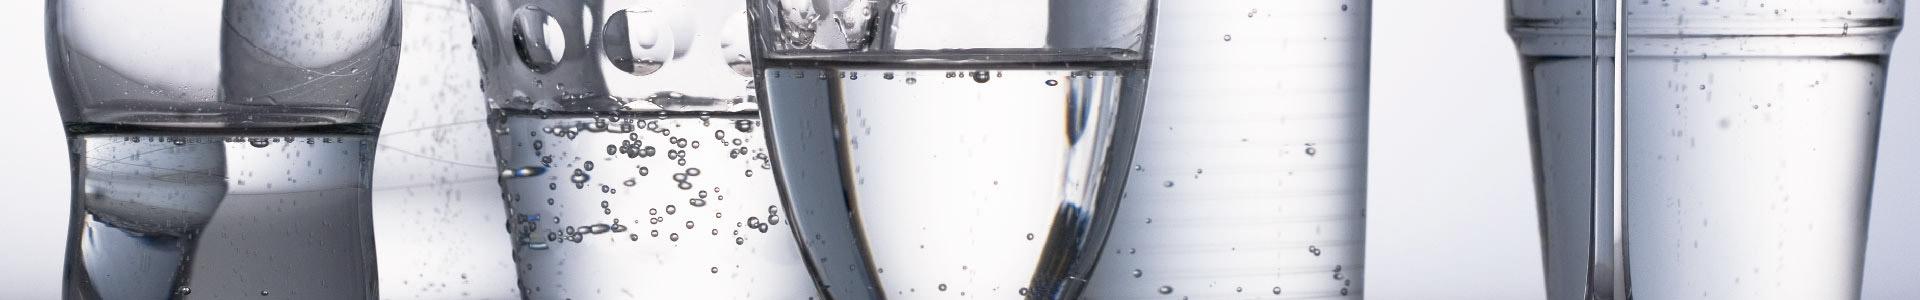 Mineralwassersommeliers